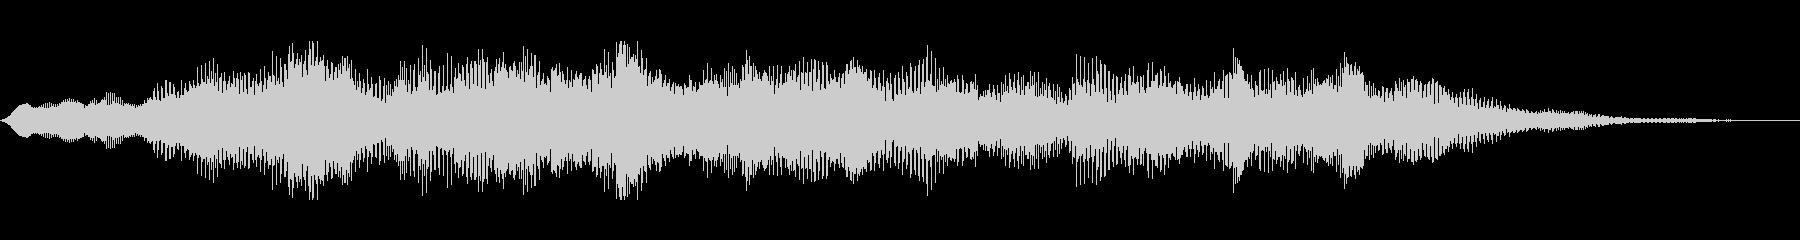 ロゴ・サンバー、ピアノ・リードの未再生の波形